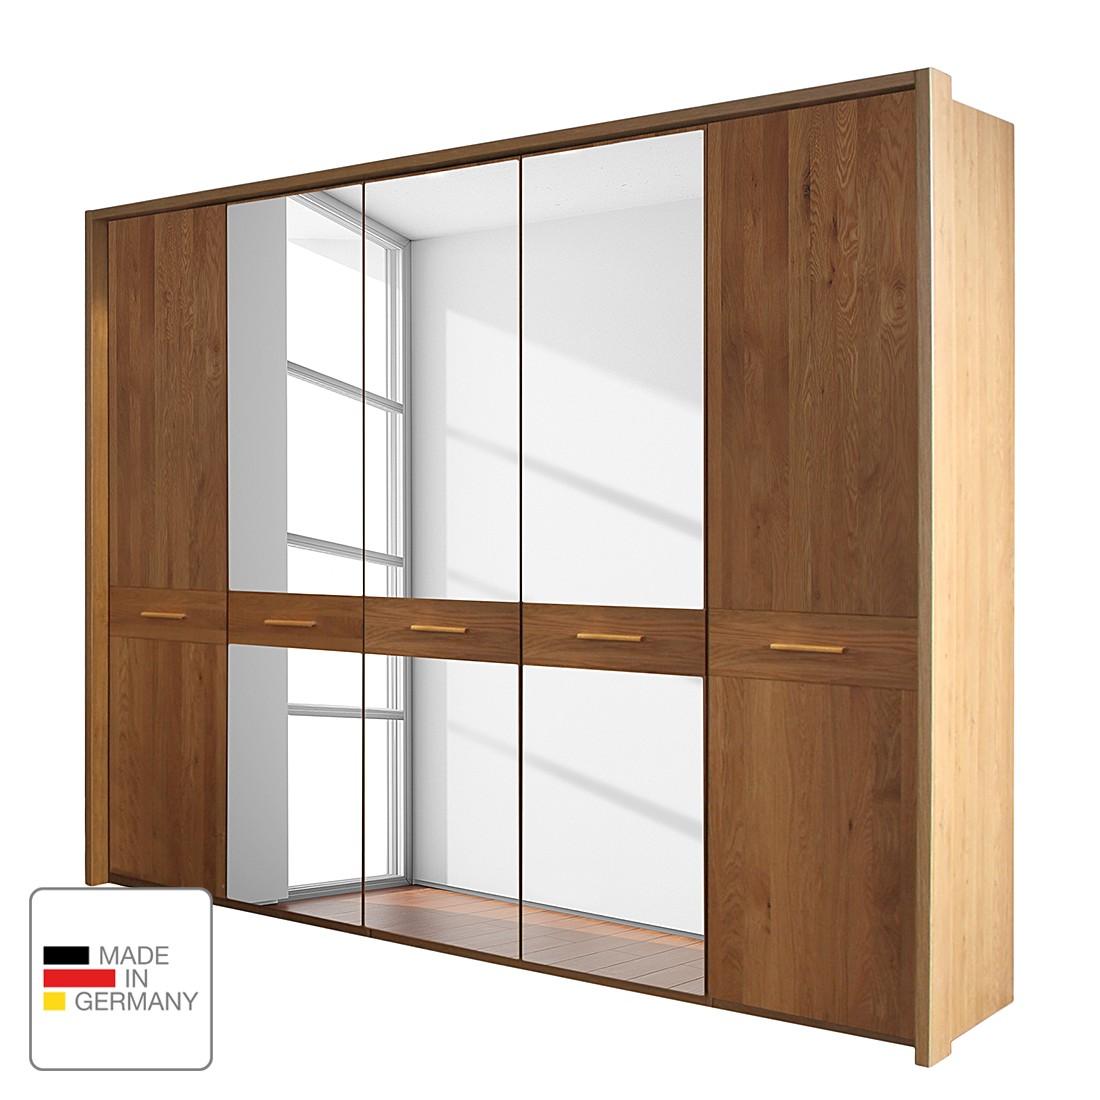 Draaideurkast Faro - gelakt deels massief eikenhout - 300cm (6-deurs) - 2 spiegeldeuren - Met Passe-partout lijst, Wiemann